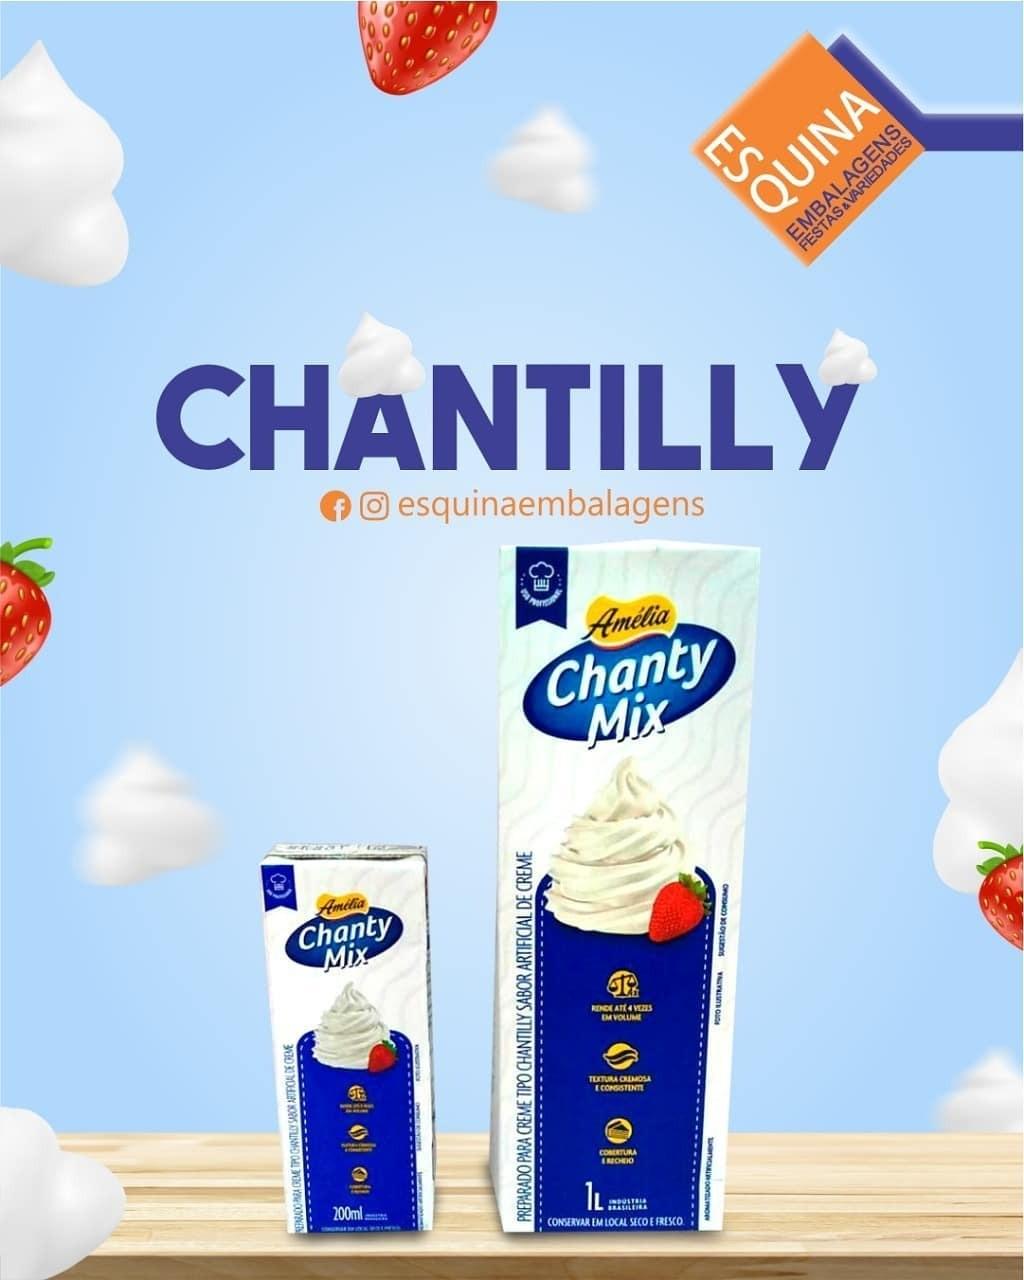 Ah, quem não ama chantilly?